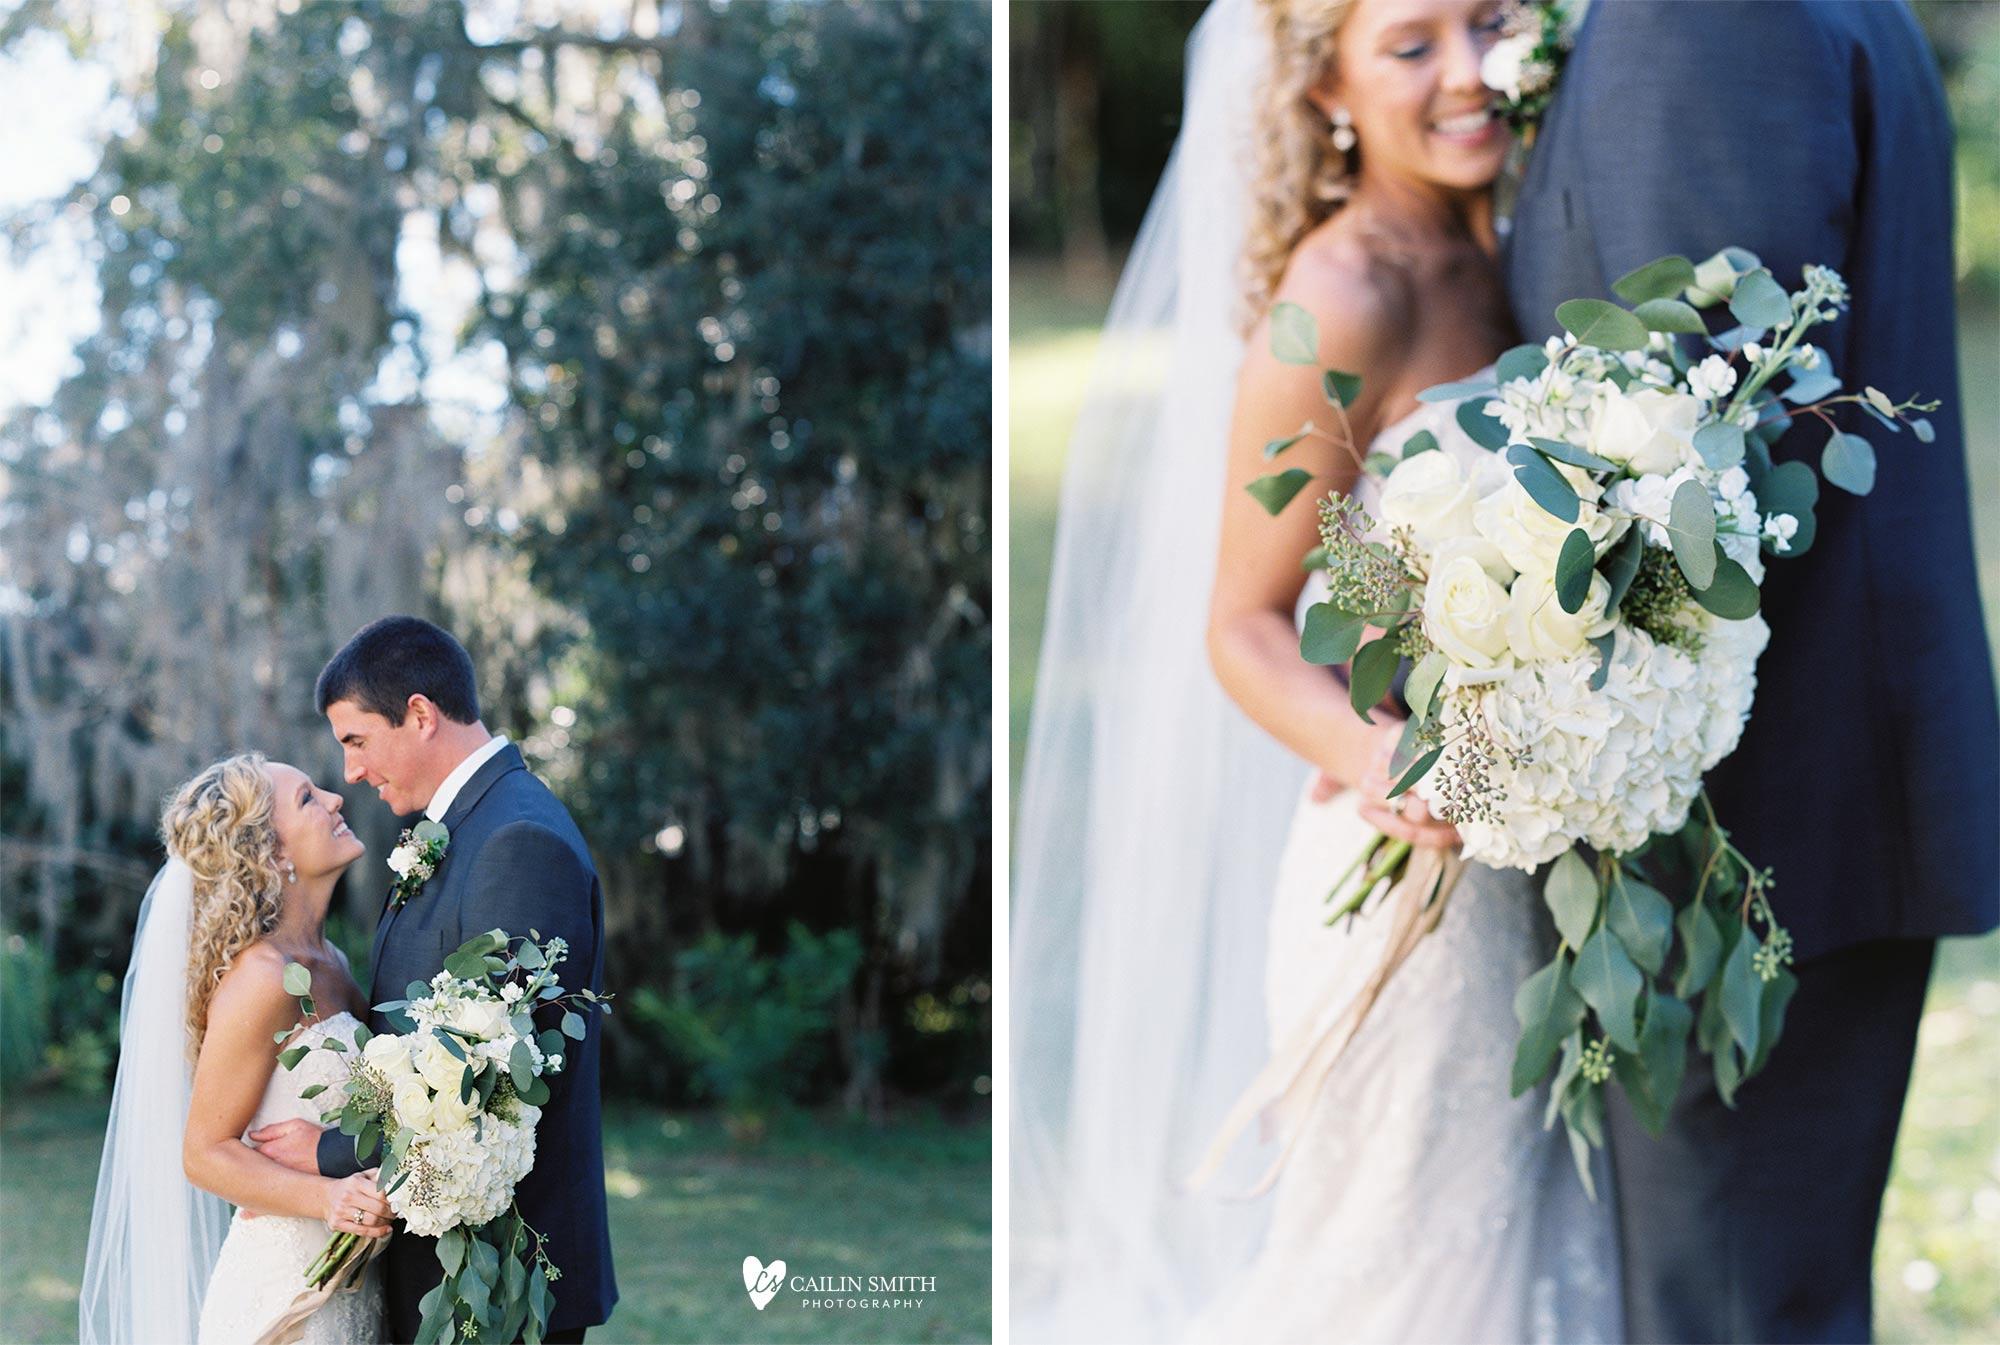 Leah_Major_St_Marys_Wedding_Photography_049.jpg